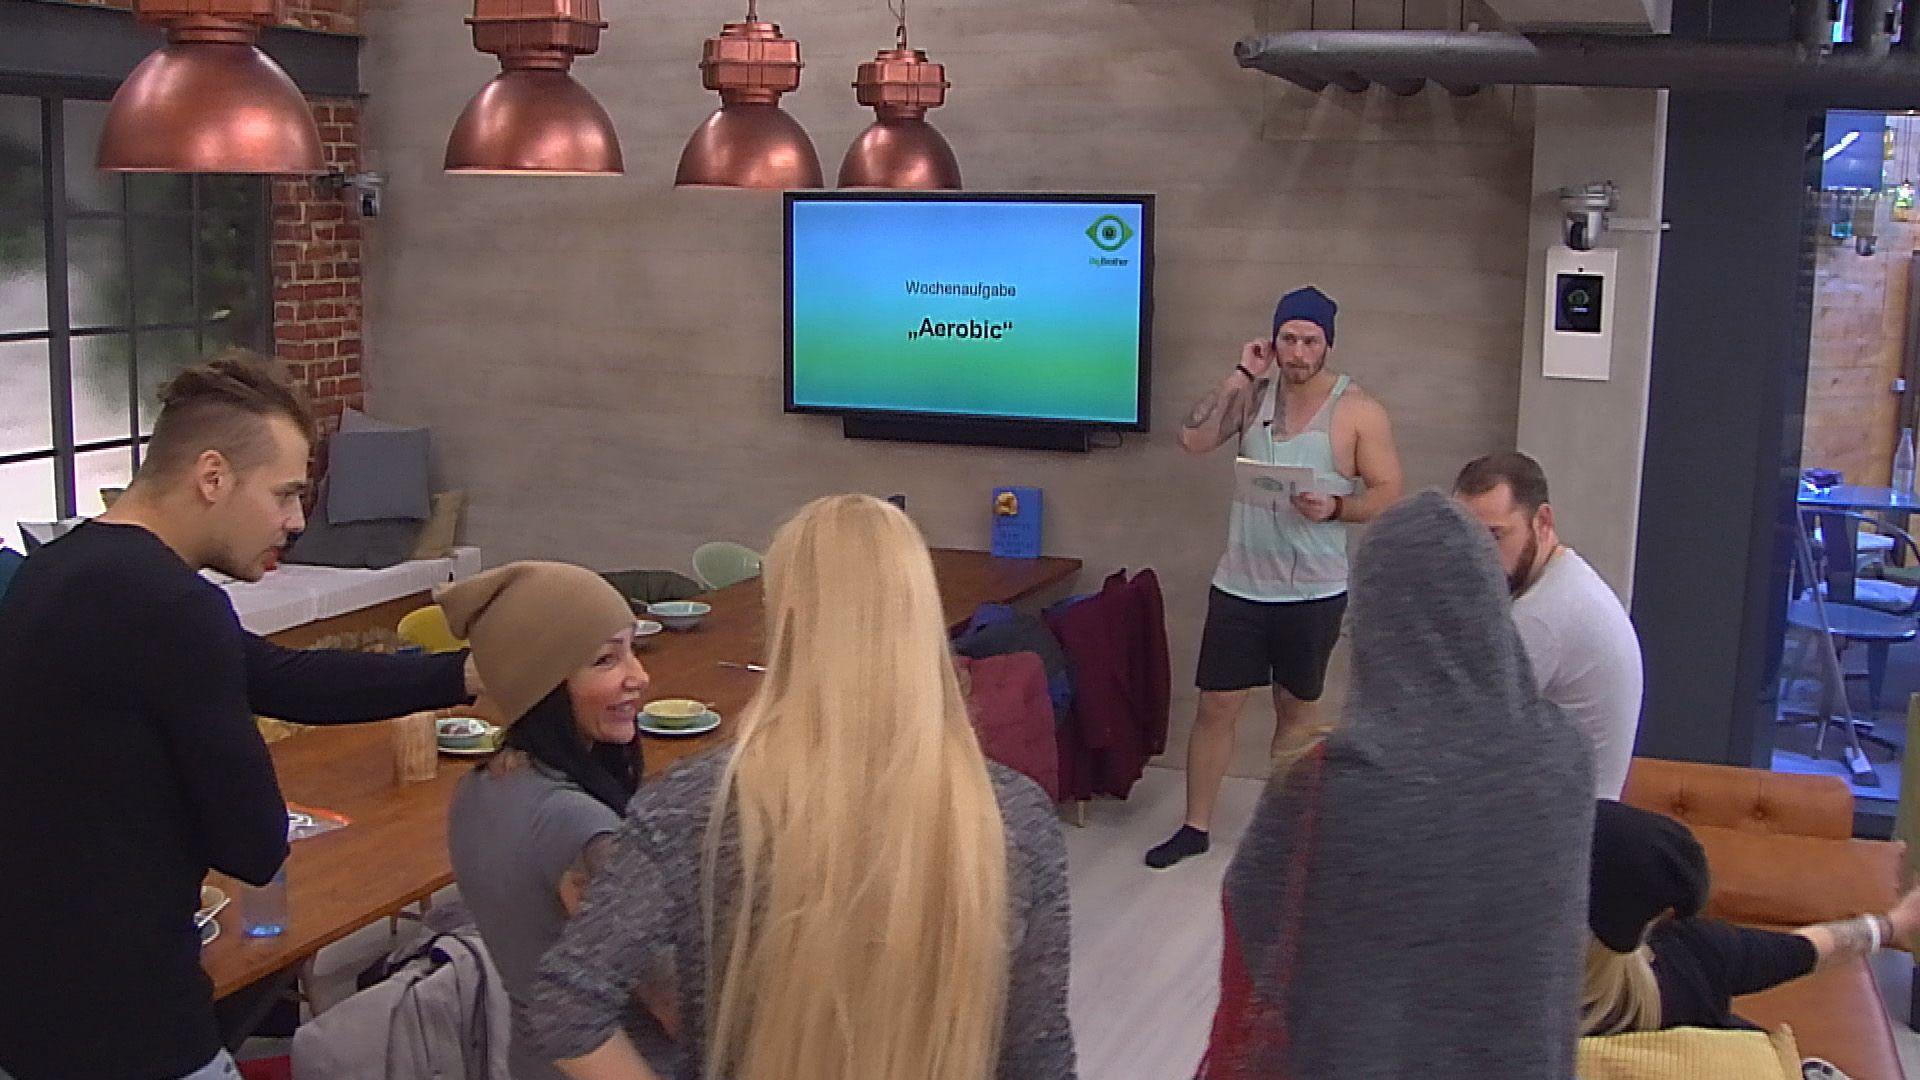 Big Brother Tag 58 - Die neue Wochenaufgabe Aerobic